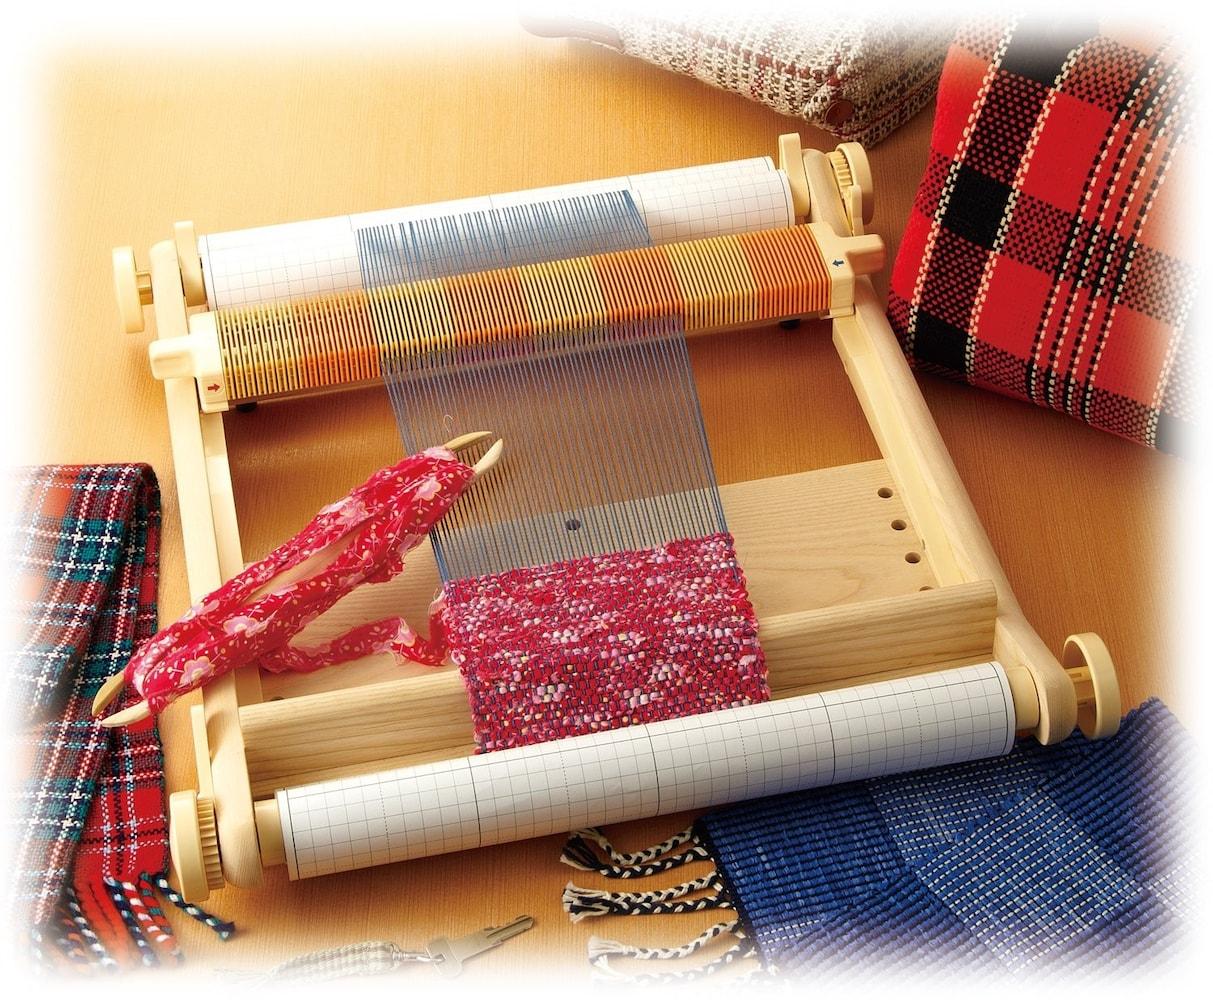 織り幅|40cmなら「マフラー」60cm以上なら「テーブルクロス」も